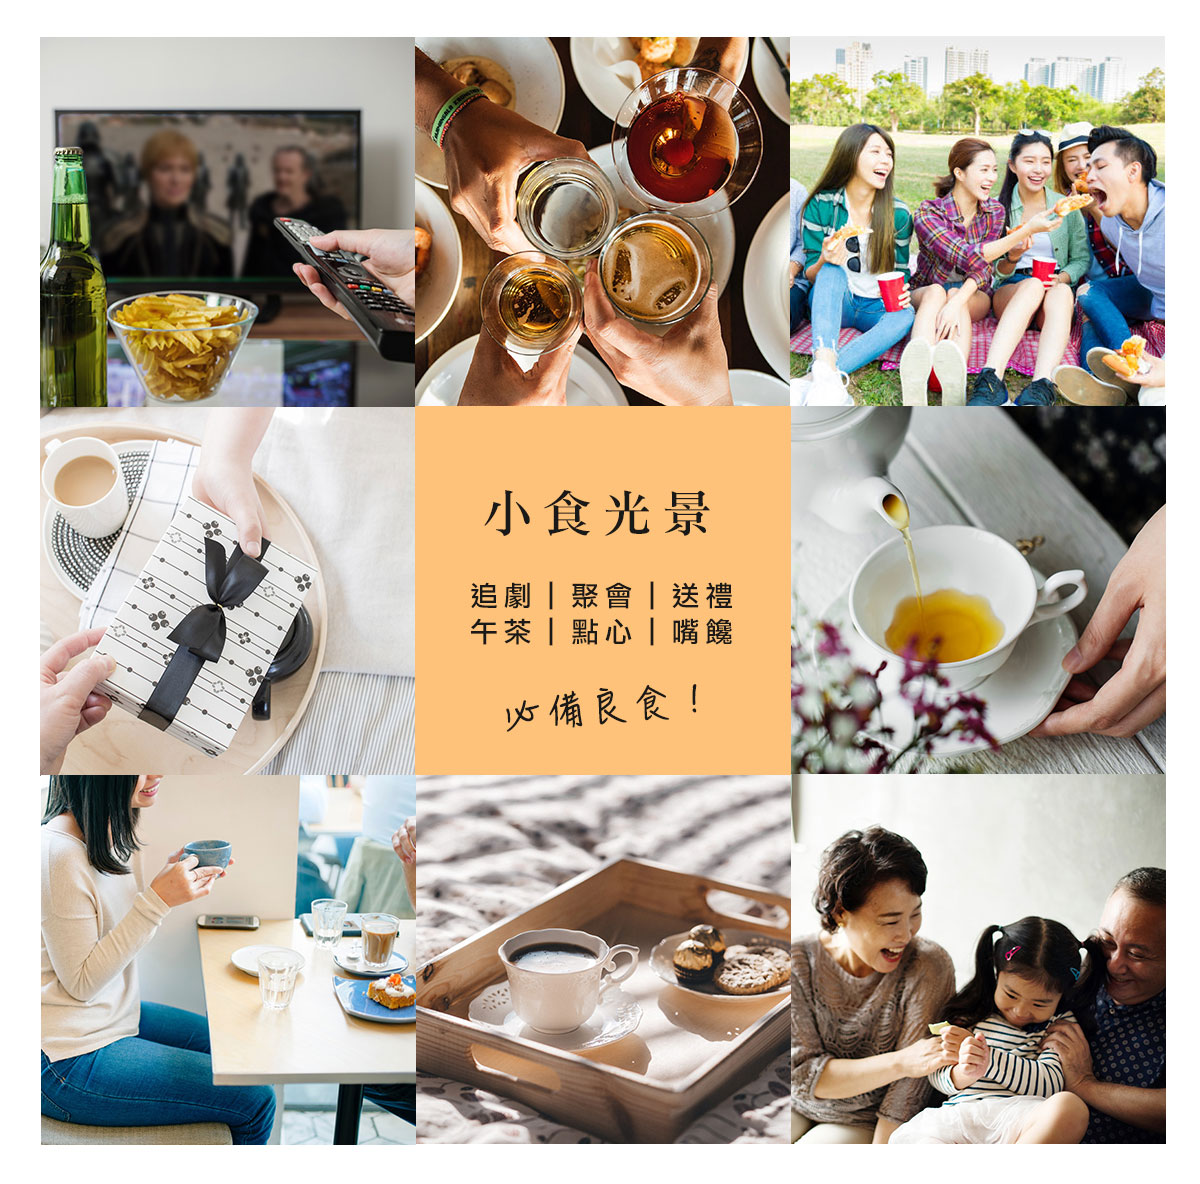 黑芝麻糖小食光景 追劇、聚會、送禮、午茶、點心、嘴饞必備良食!